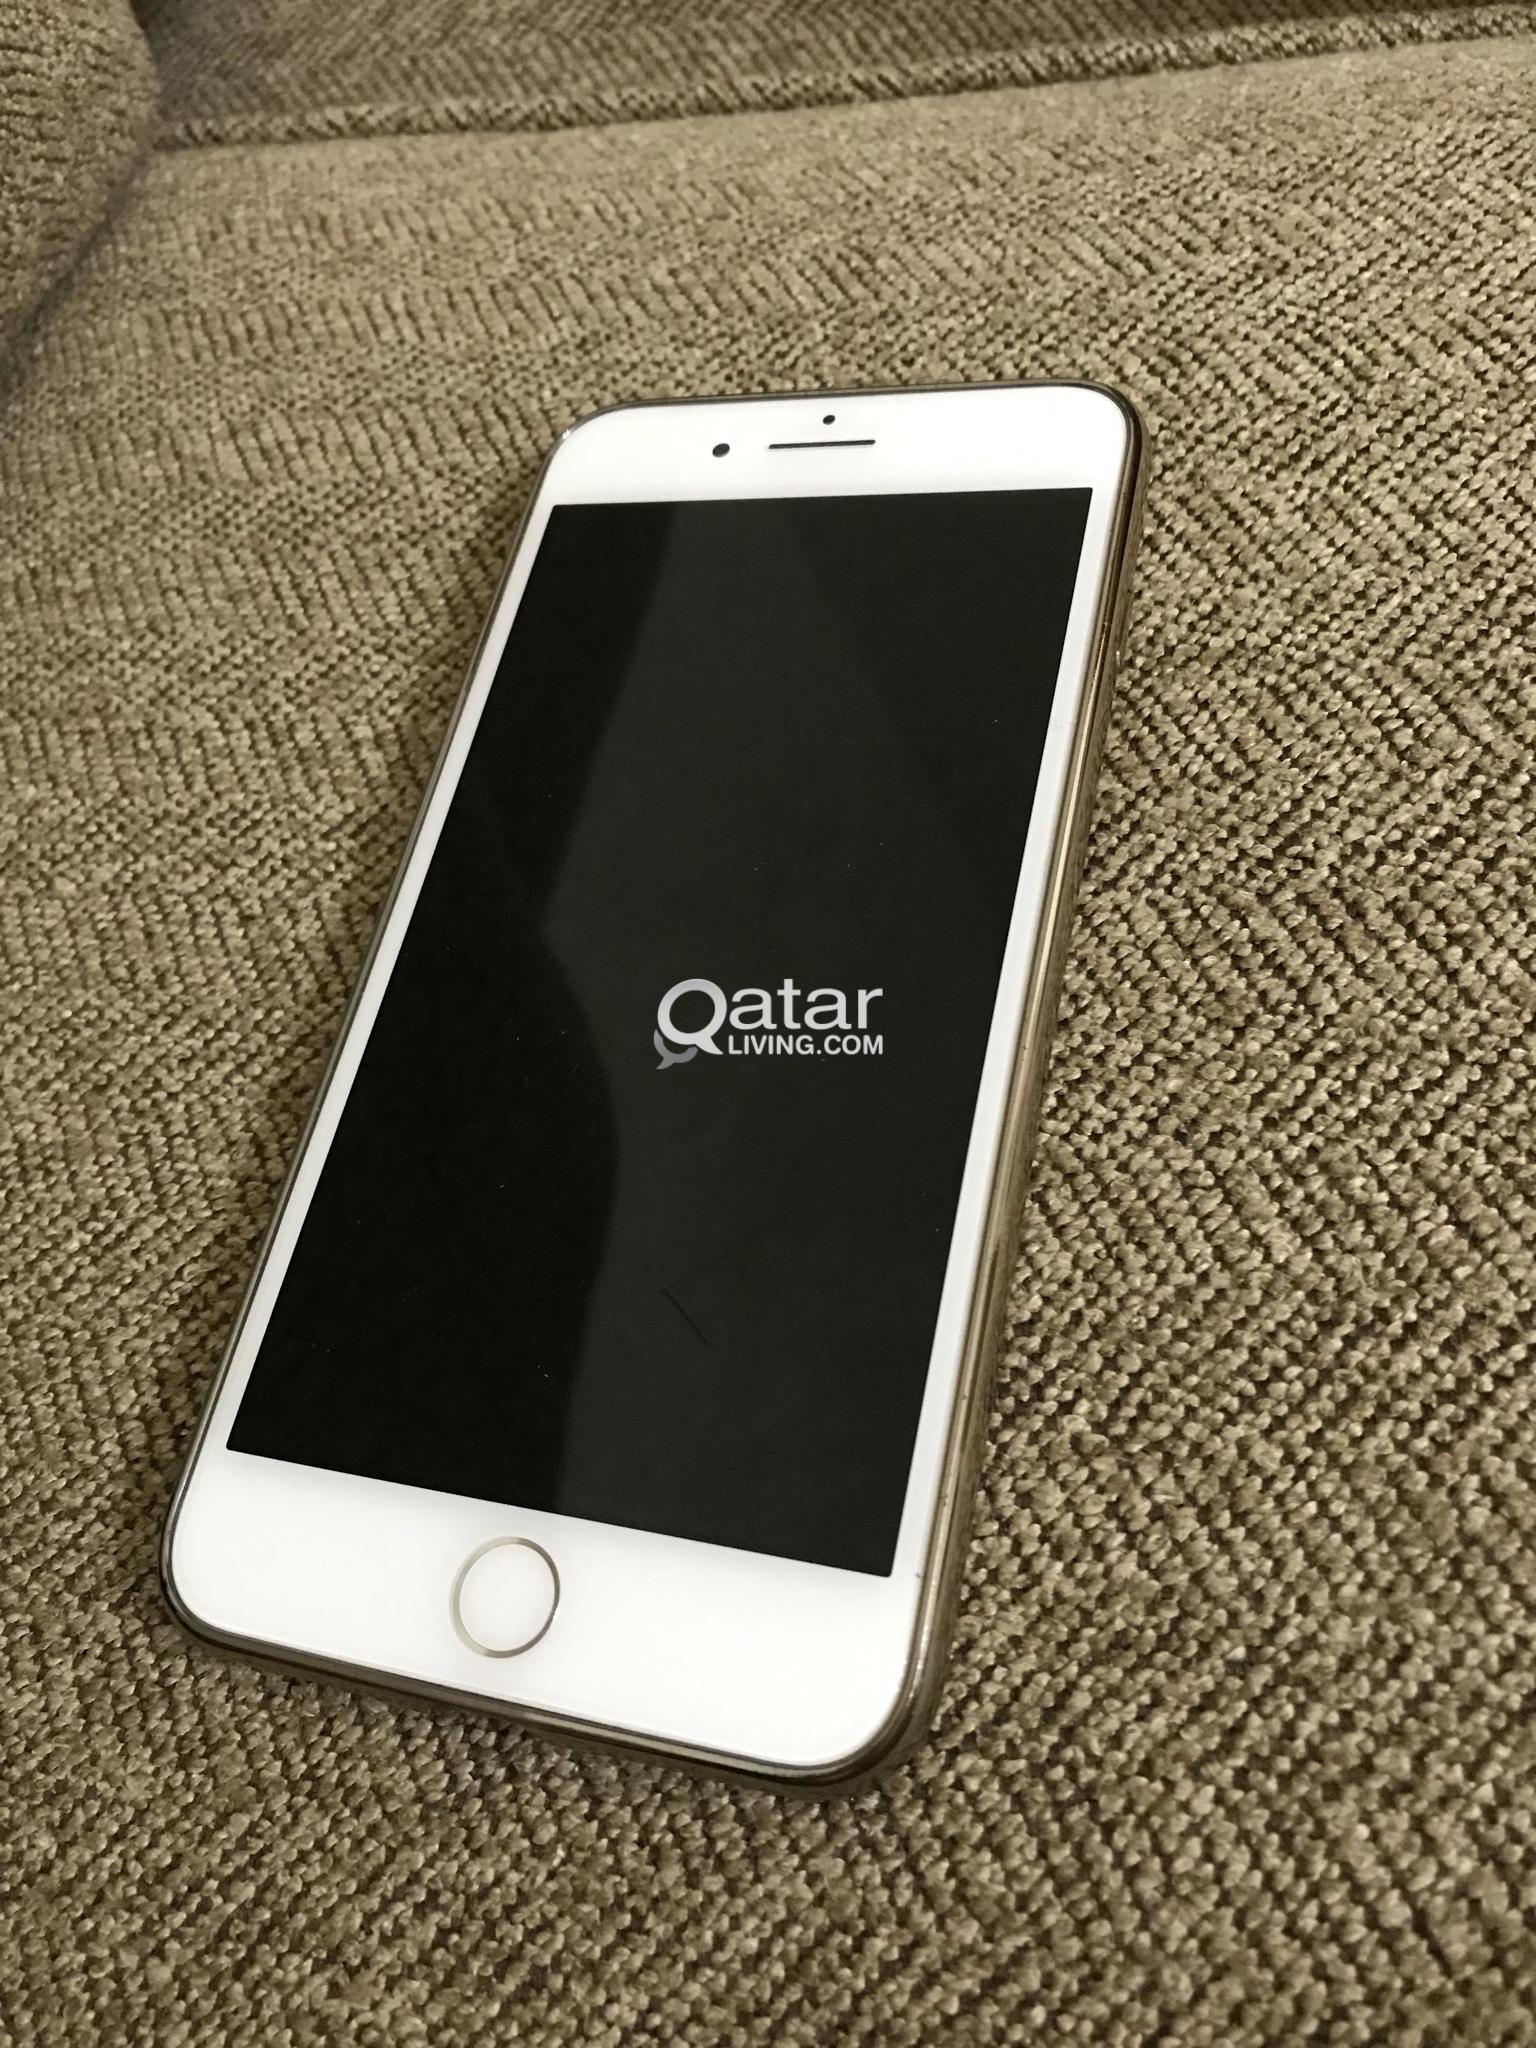 03fa529a524 iPhone 8 plus for sale